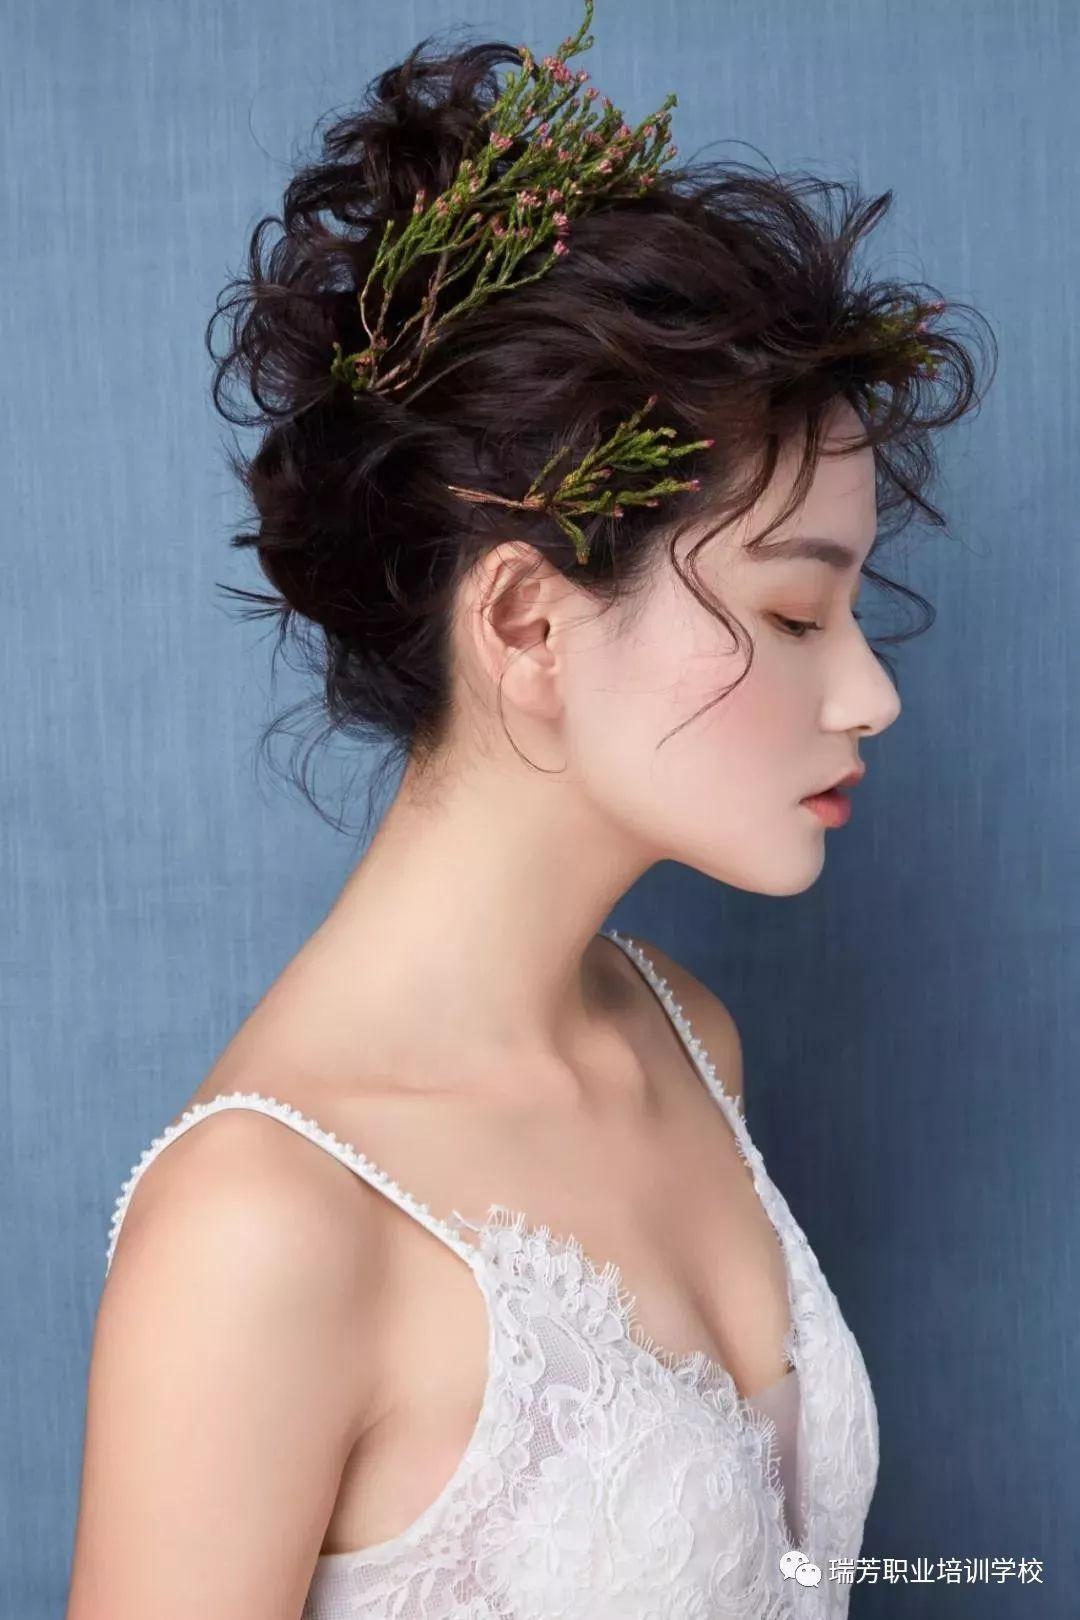 教程|2018实用新娘发型打造技巧之:单股抽丝新娘造型图片